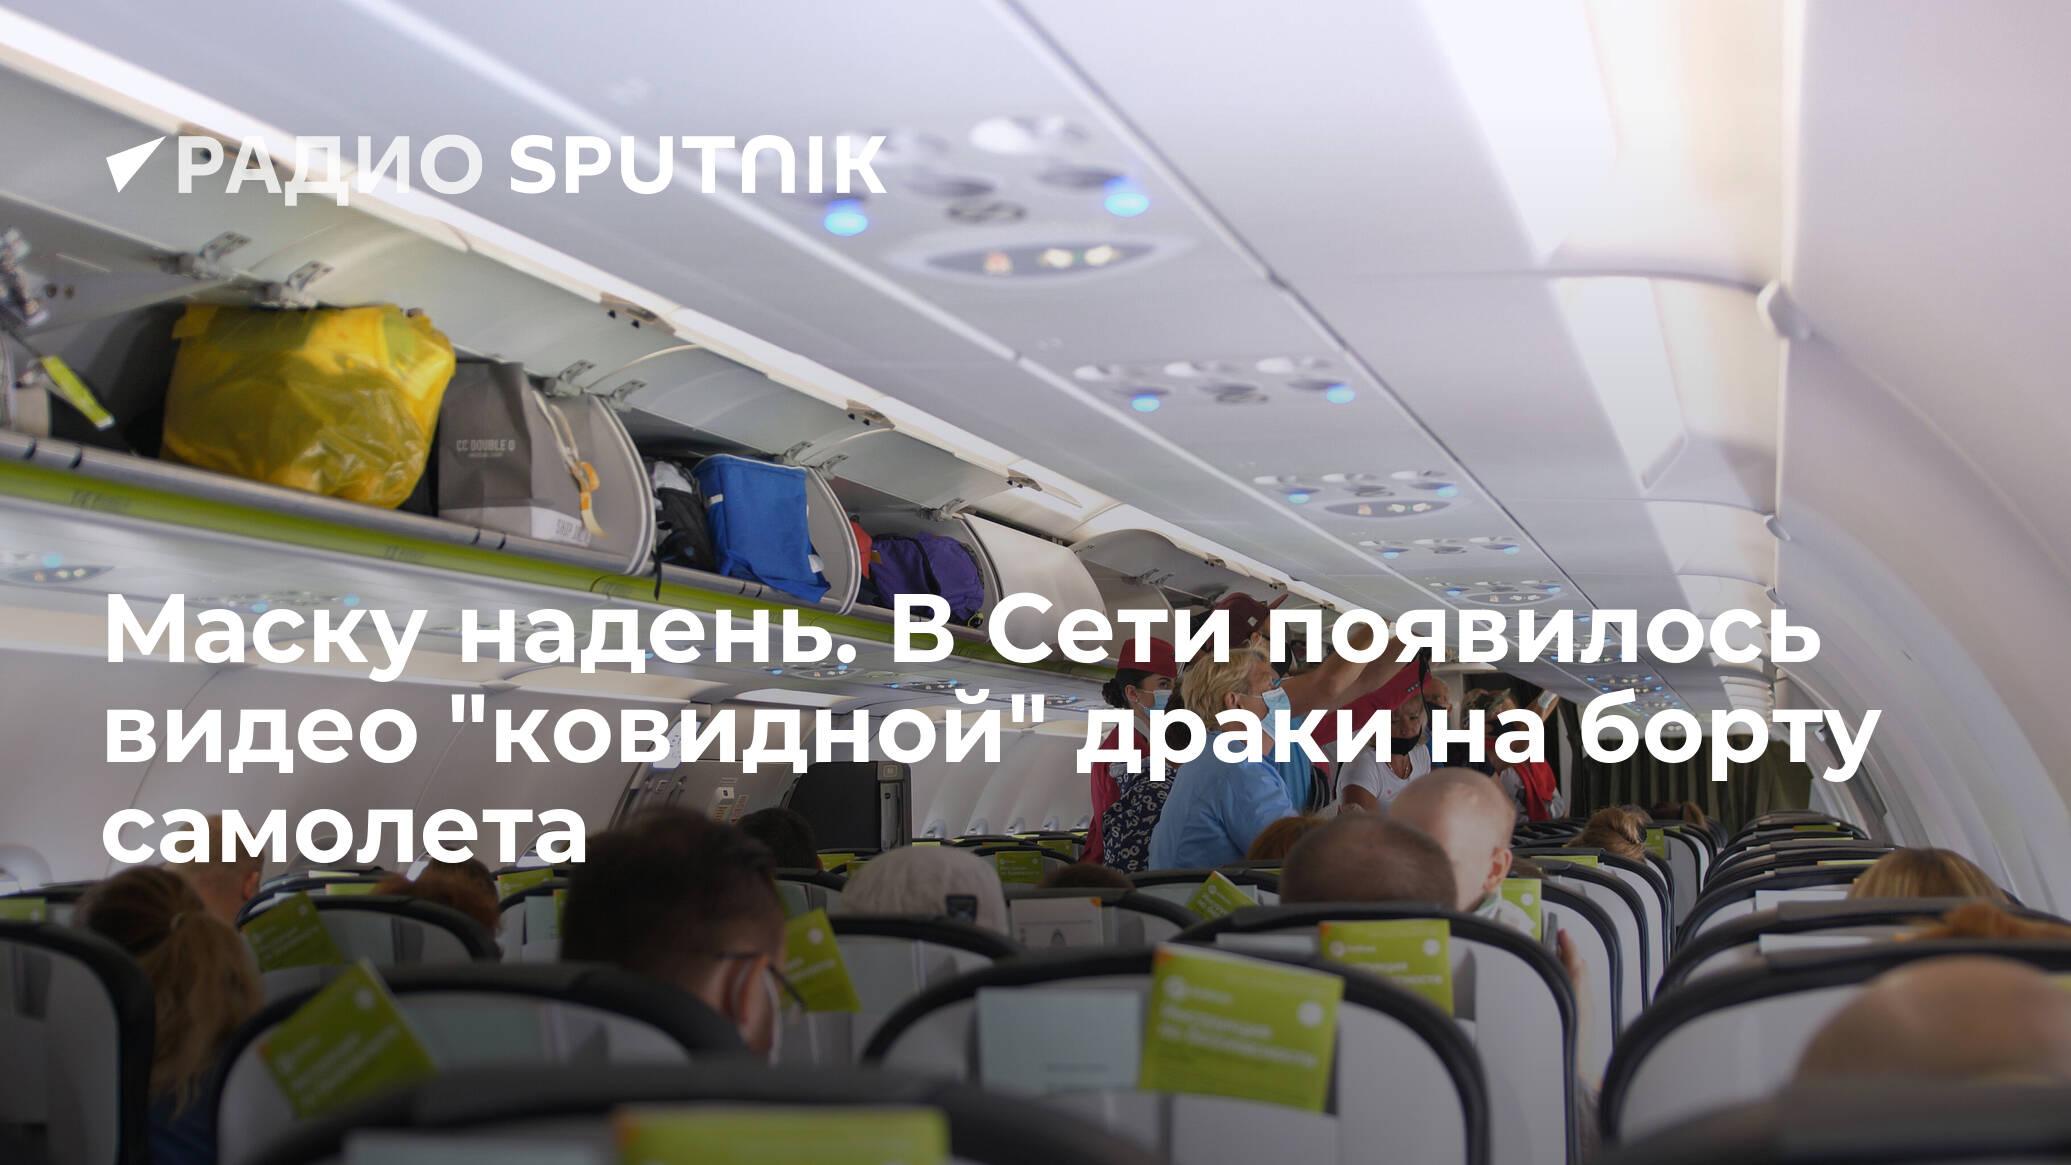 https://radiosputnik.ria.ru/20201007/maska-1578580133.html?in=t